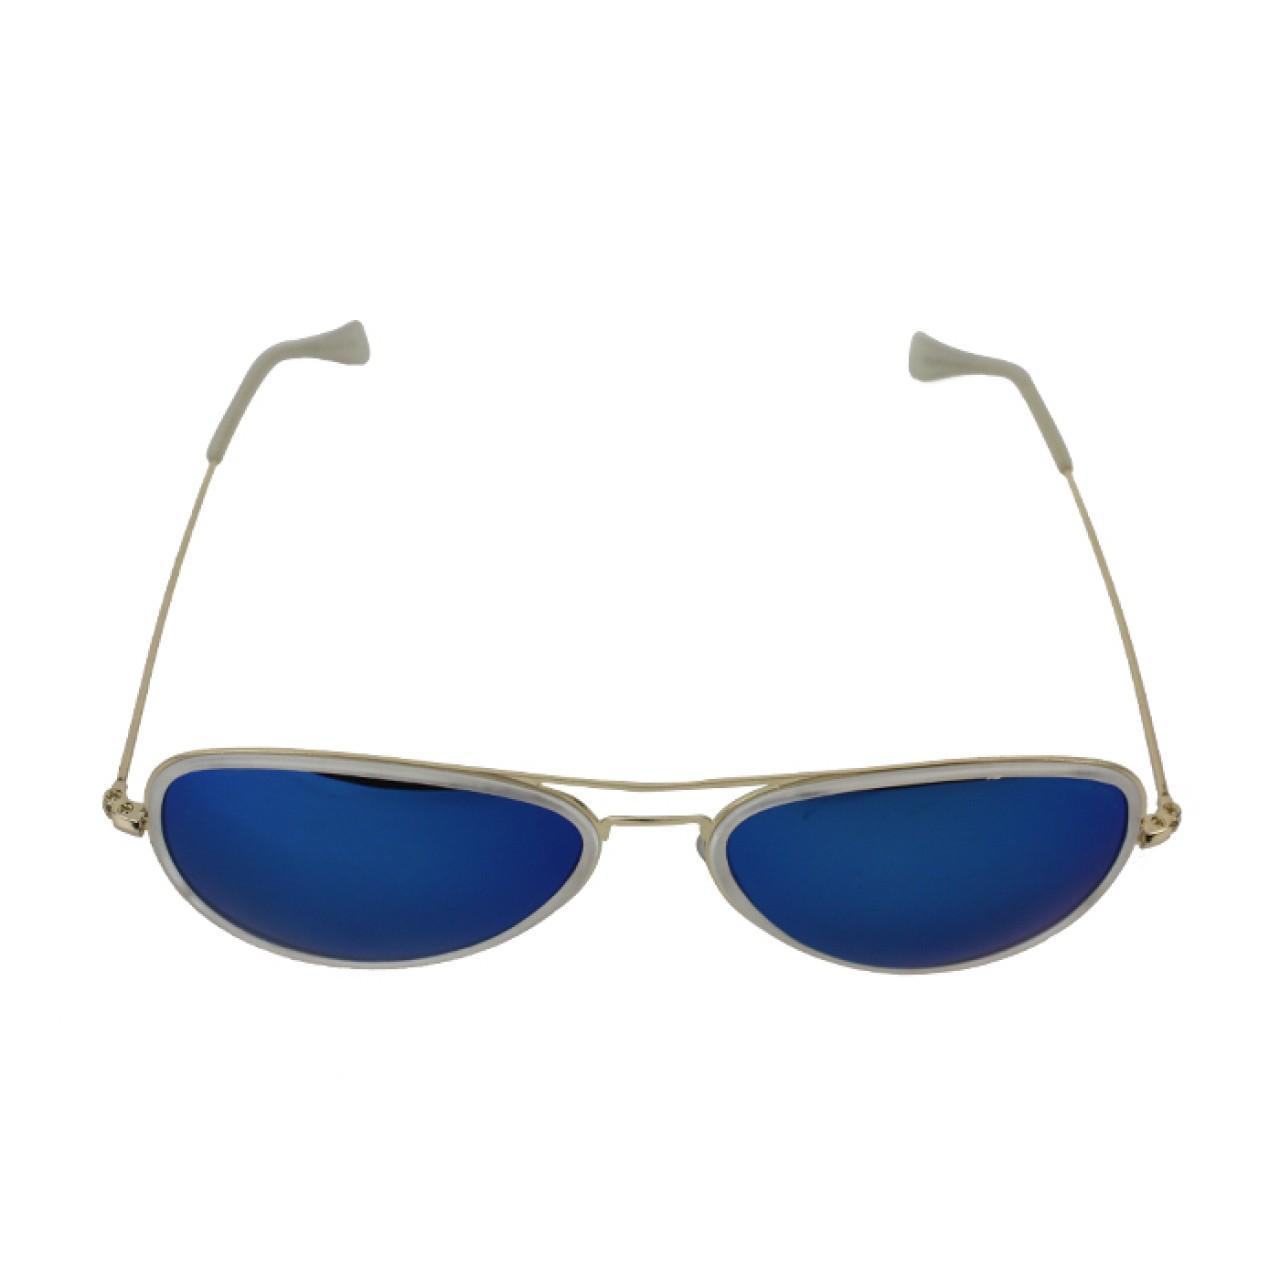 Unisex Polarized Cool blue Full-Rimmed Aviator Sunglasses